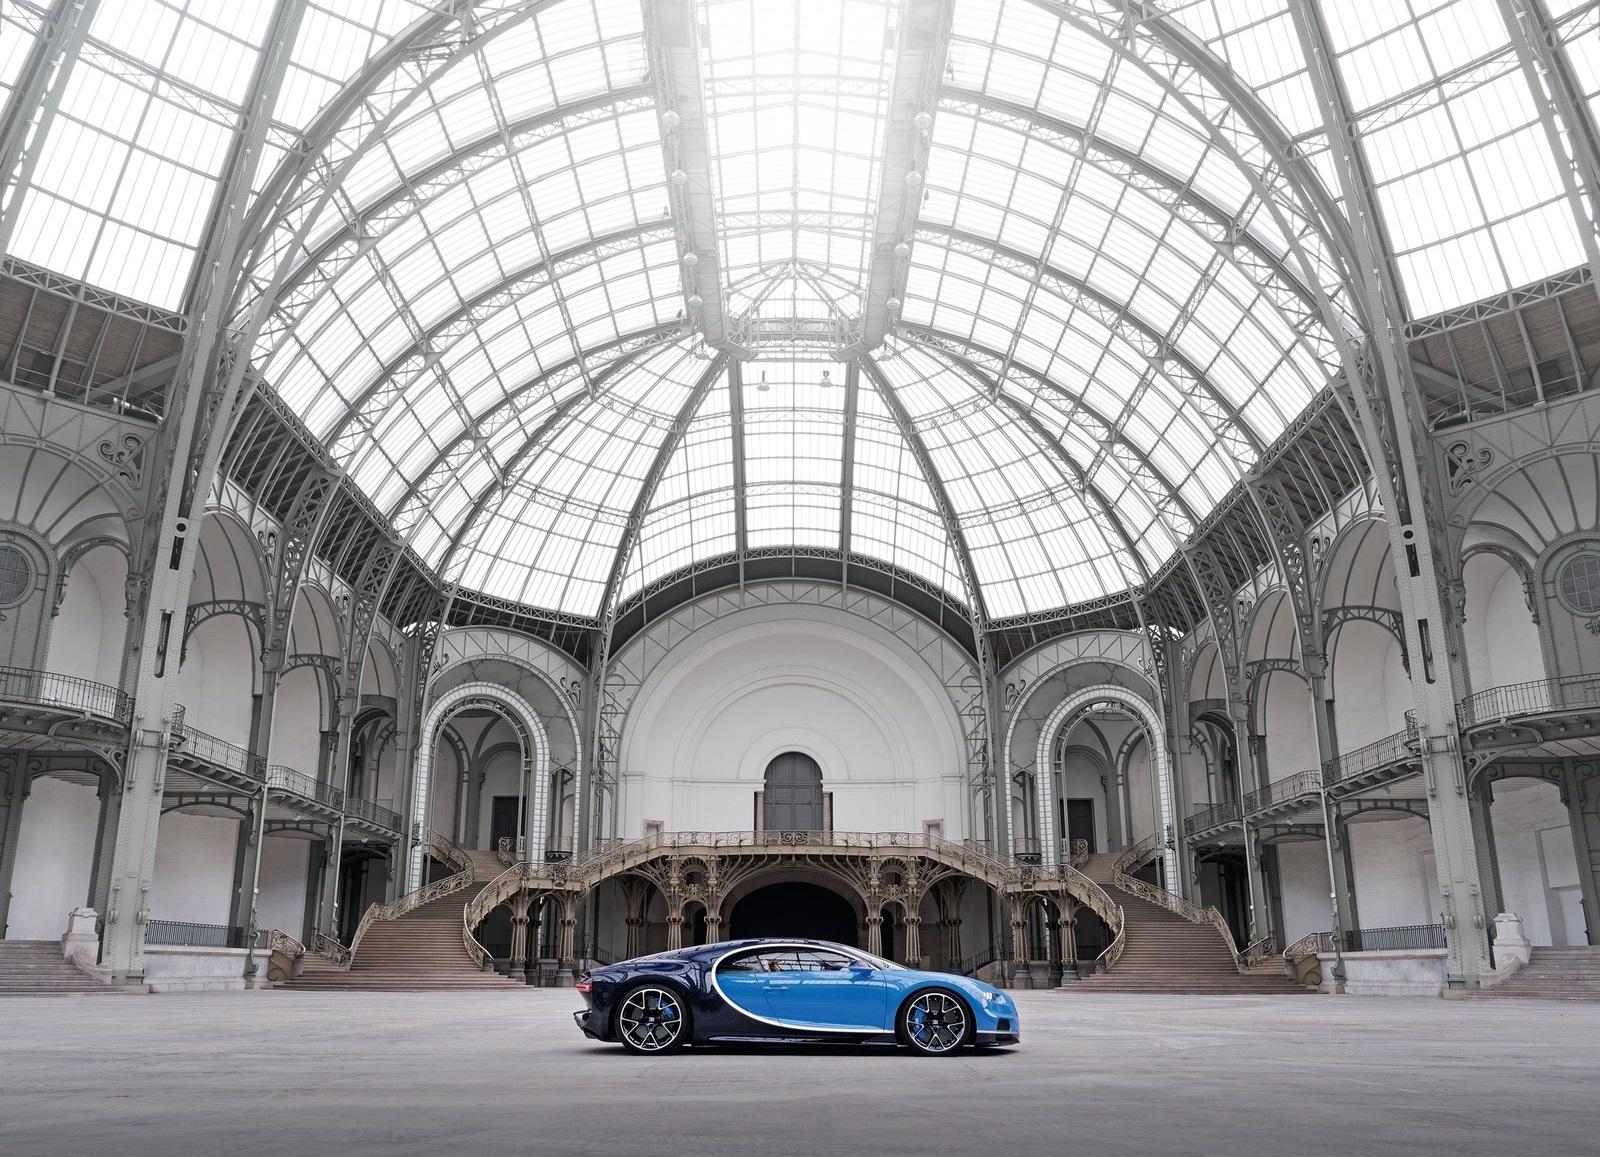 Bugatti Chiron_proceso de compra_edificio interior